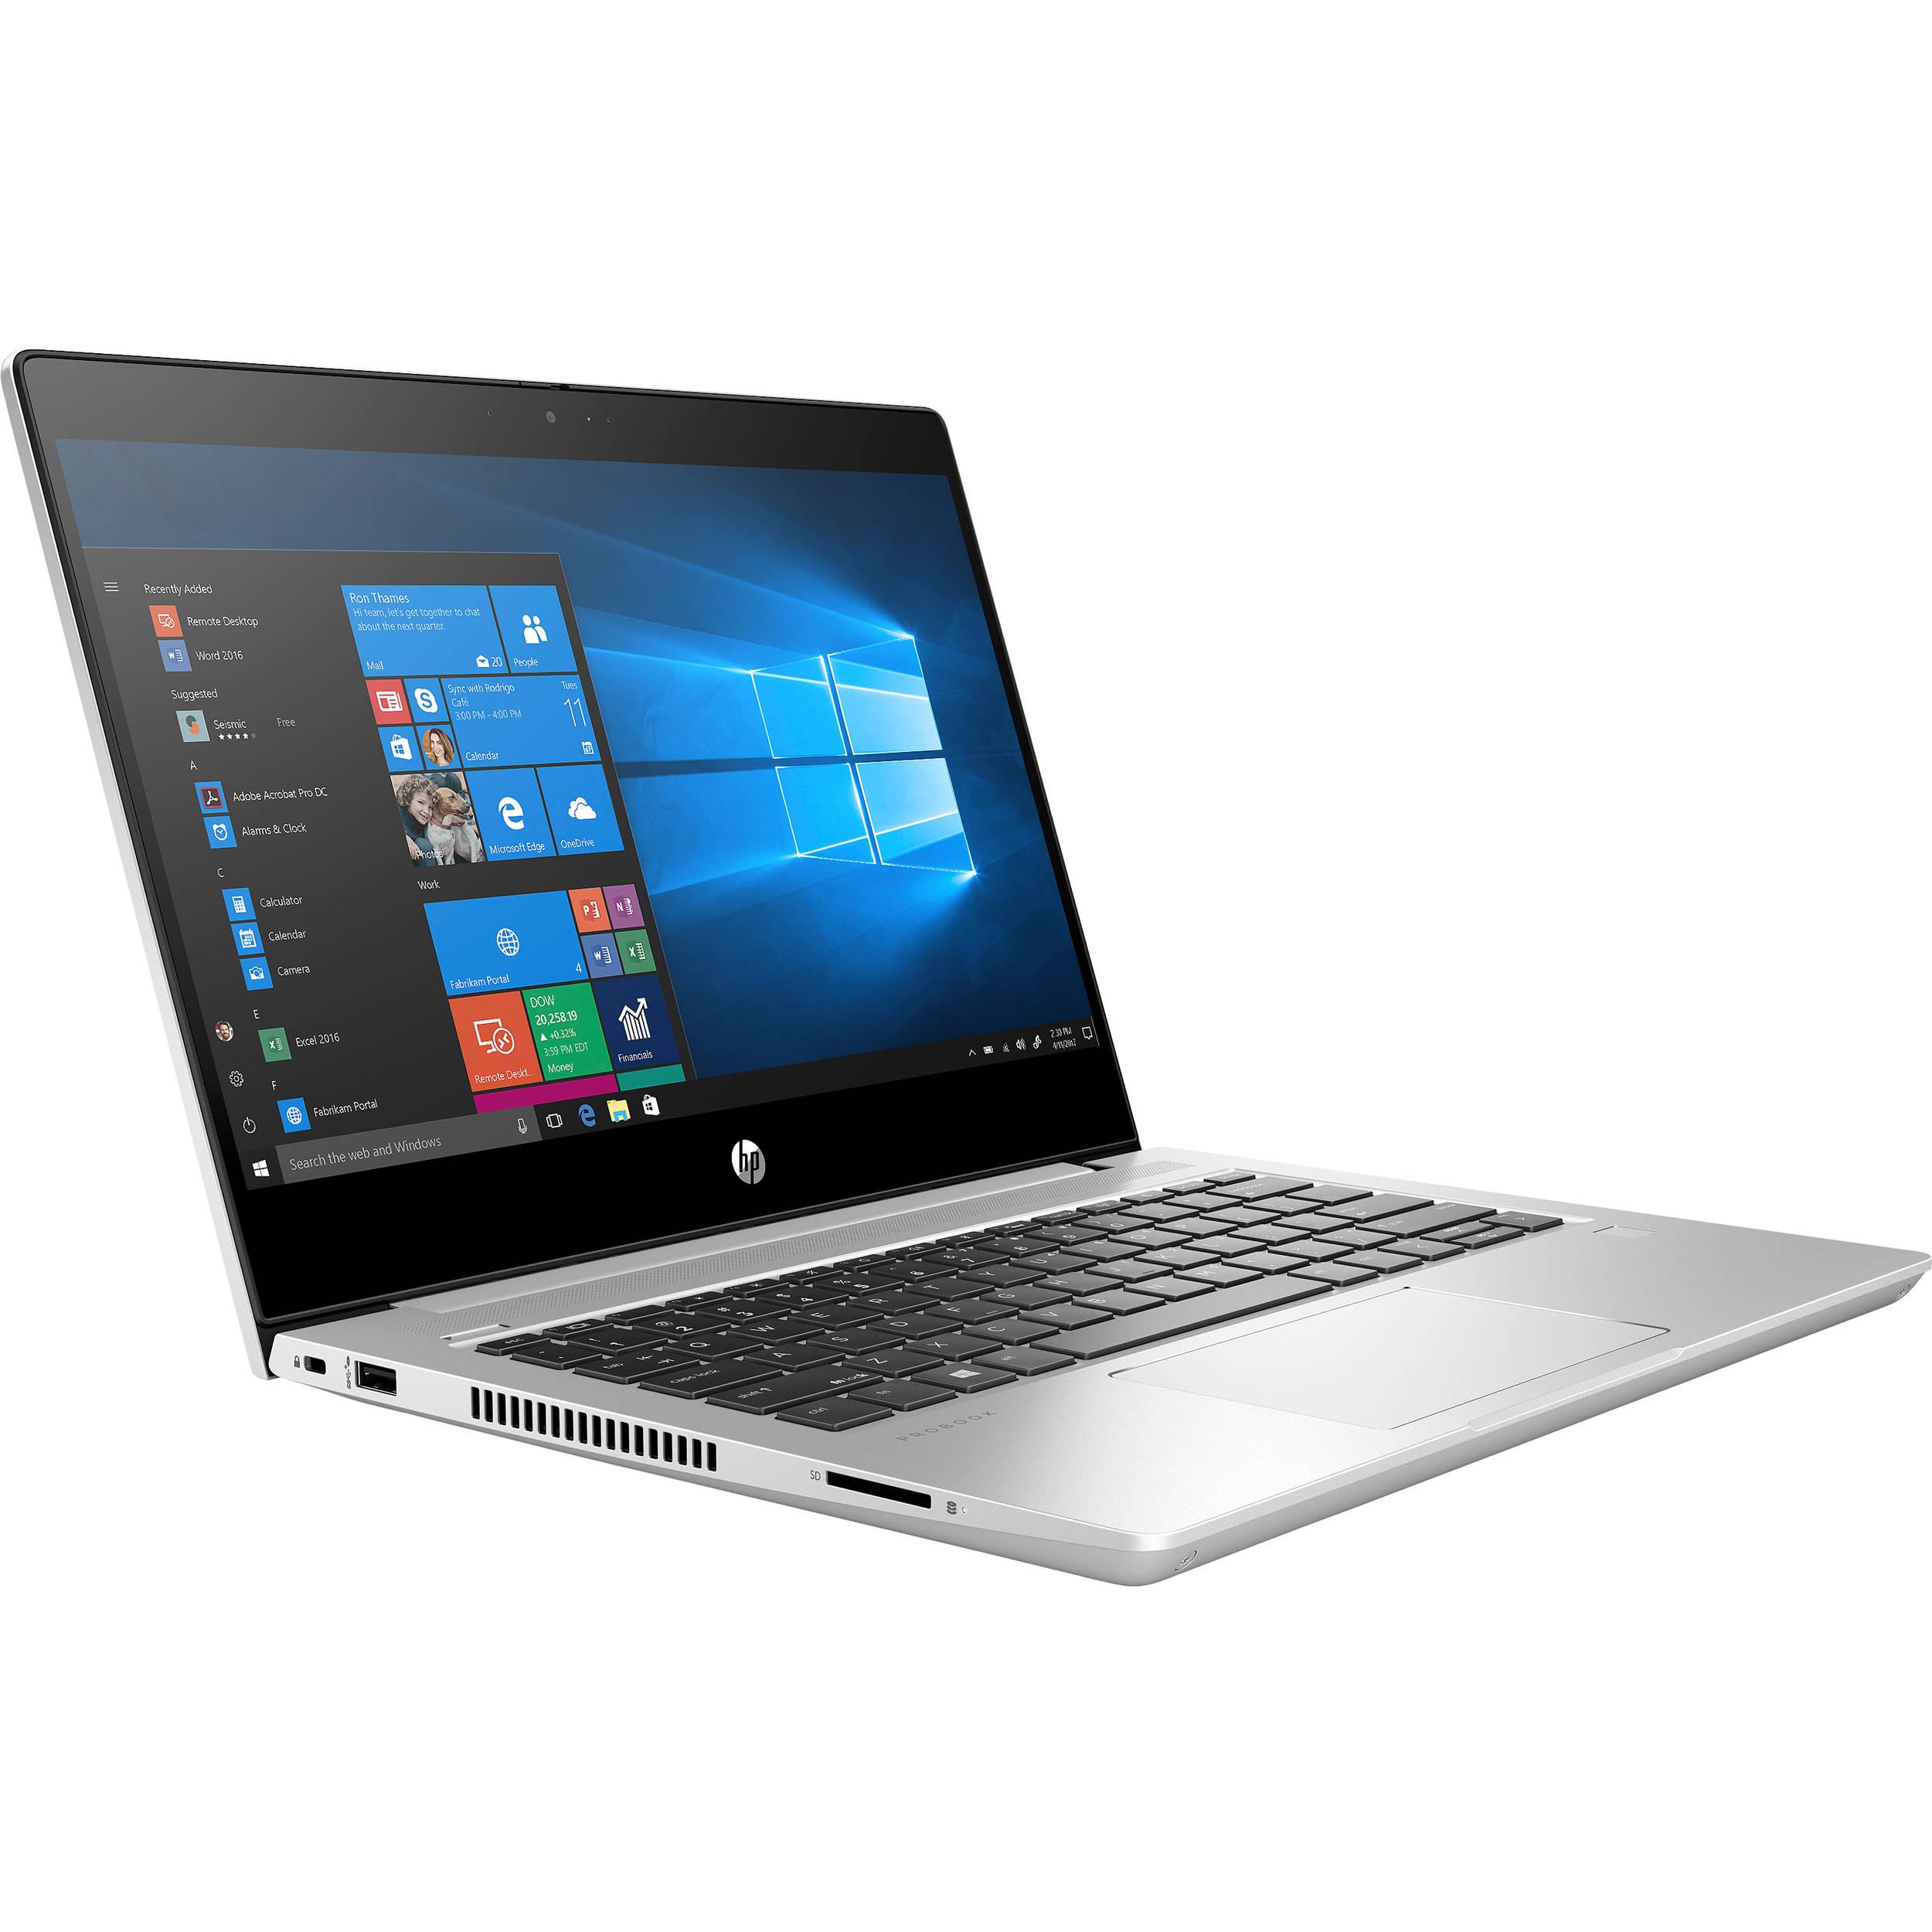 Hewlett-Packard, PB, 430G7, 13, I5NV, 8G, 256G, AG, 4G, W10P,